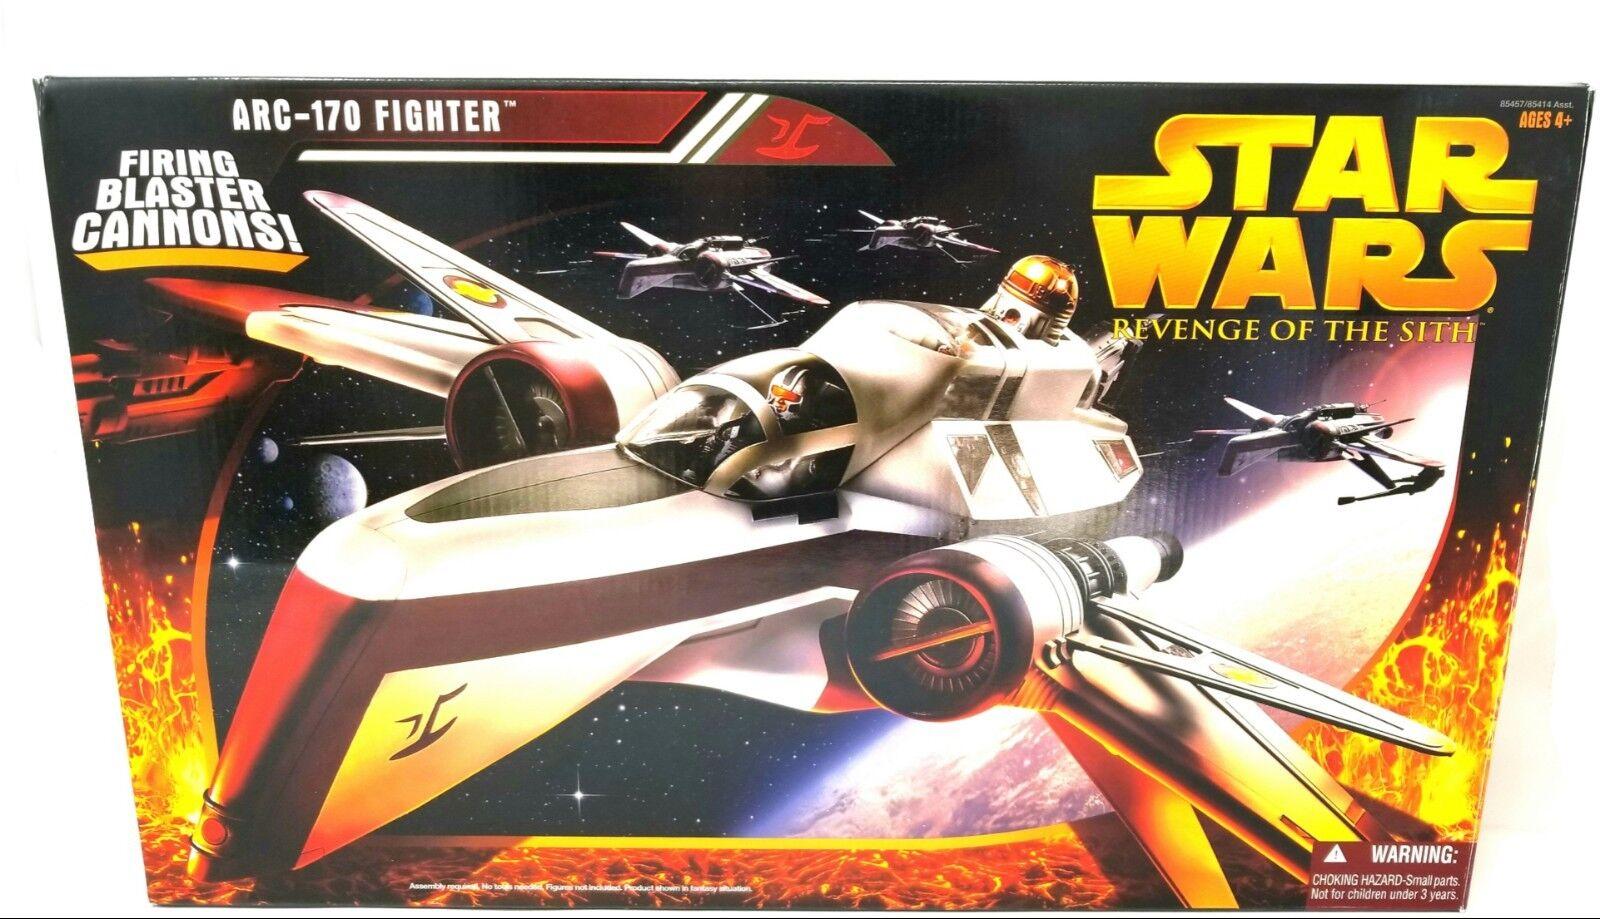 La venganza de los Sith ARC-170 Fighter Nave Estrella Wars La Venganza De Los Sith disparando cañones  nunca quitado de la caja